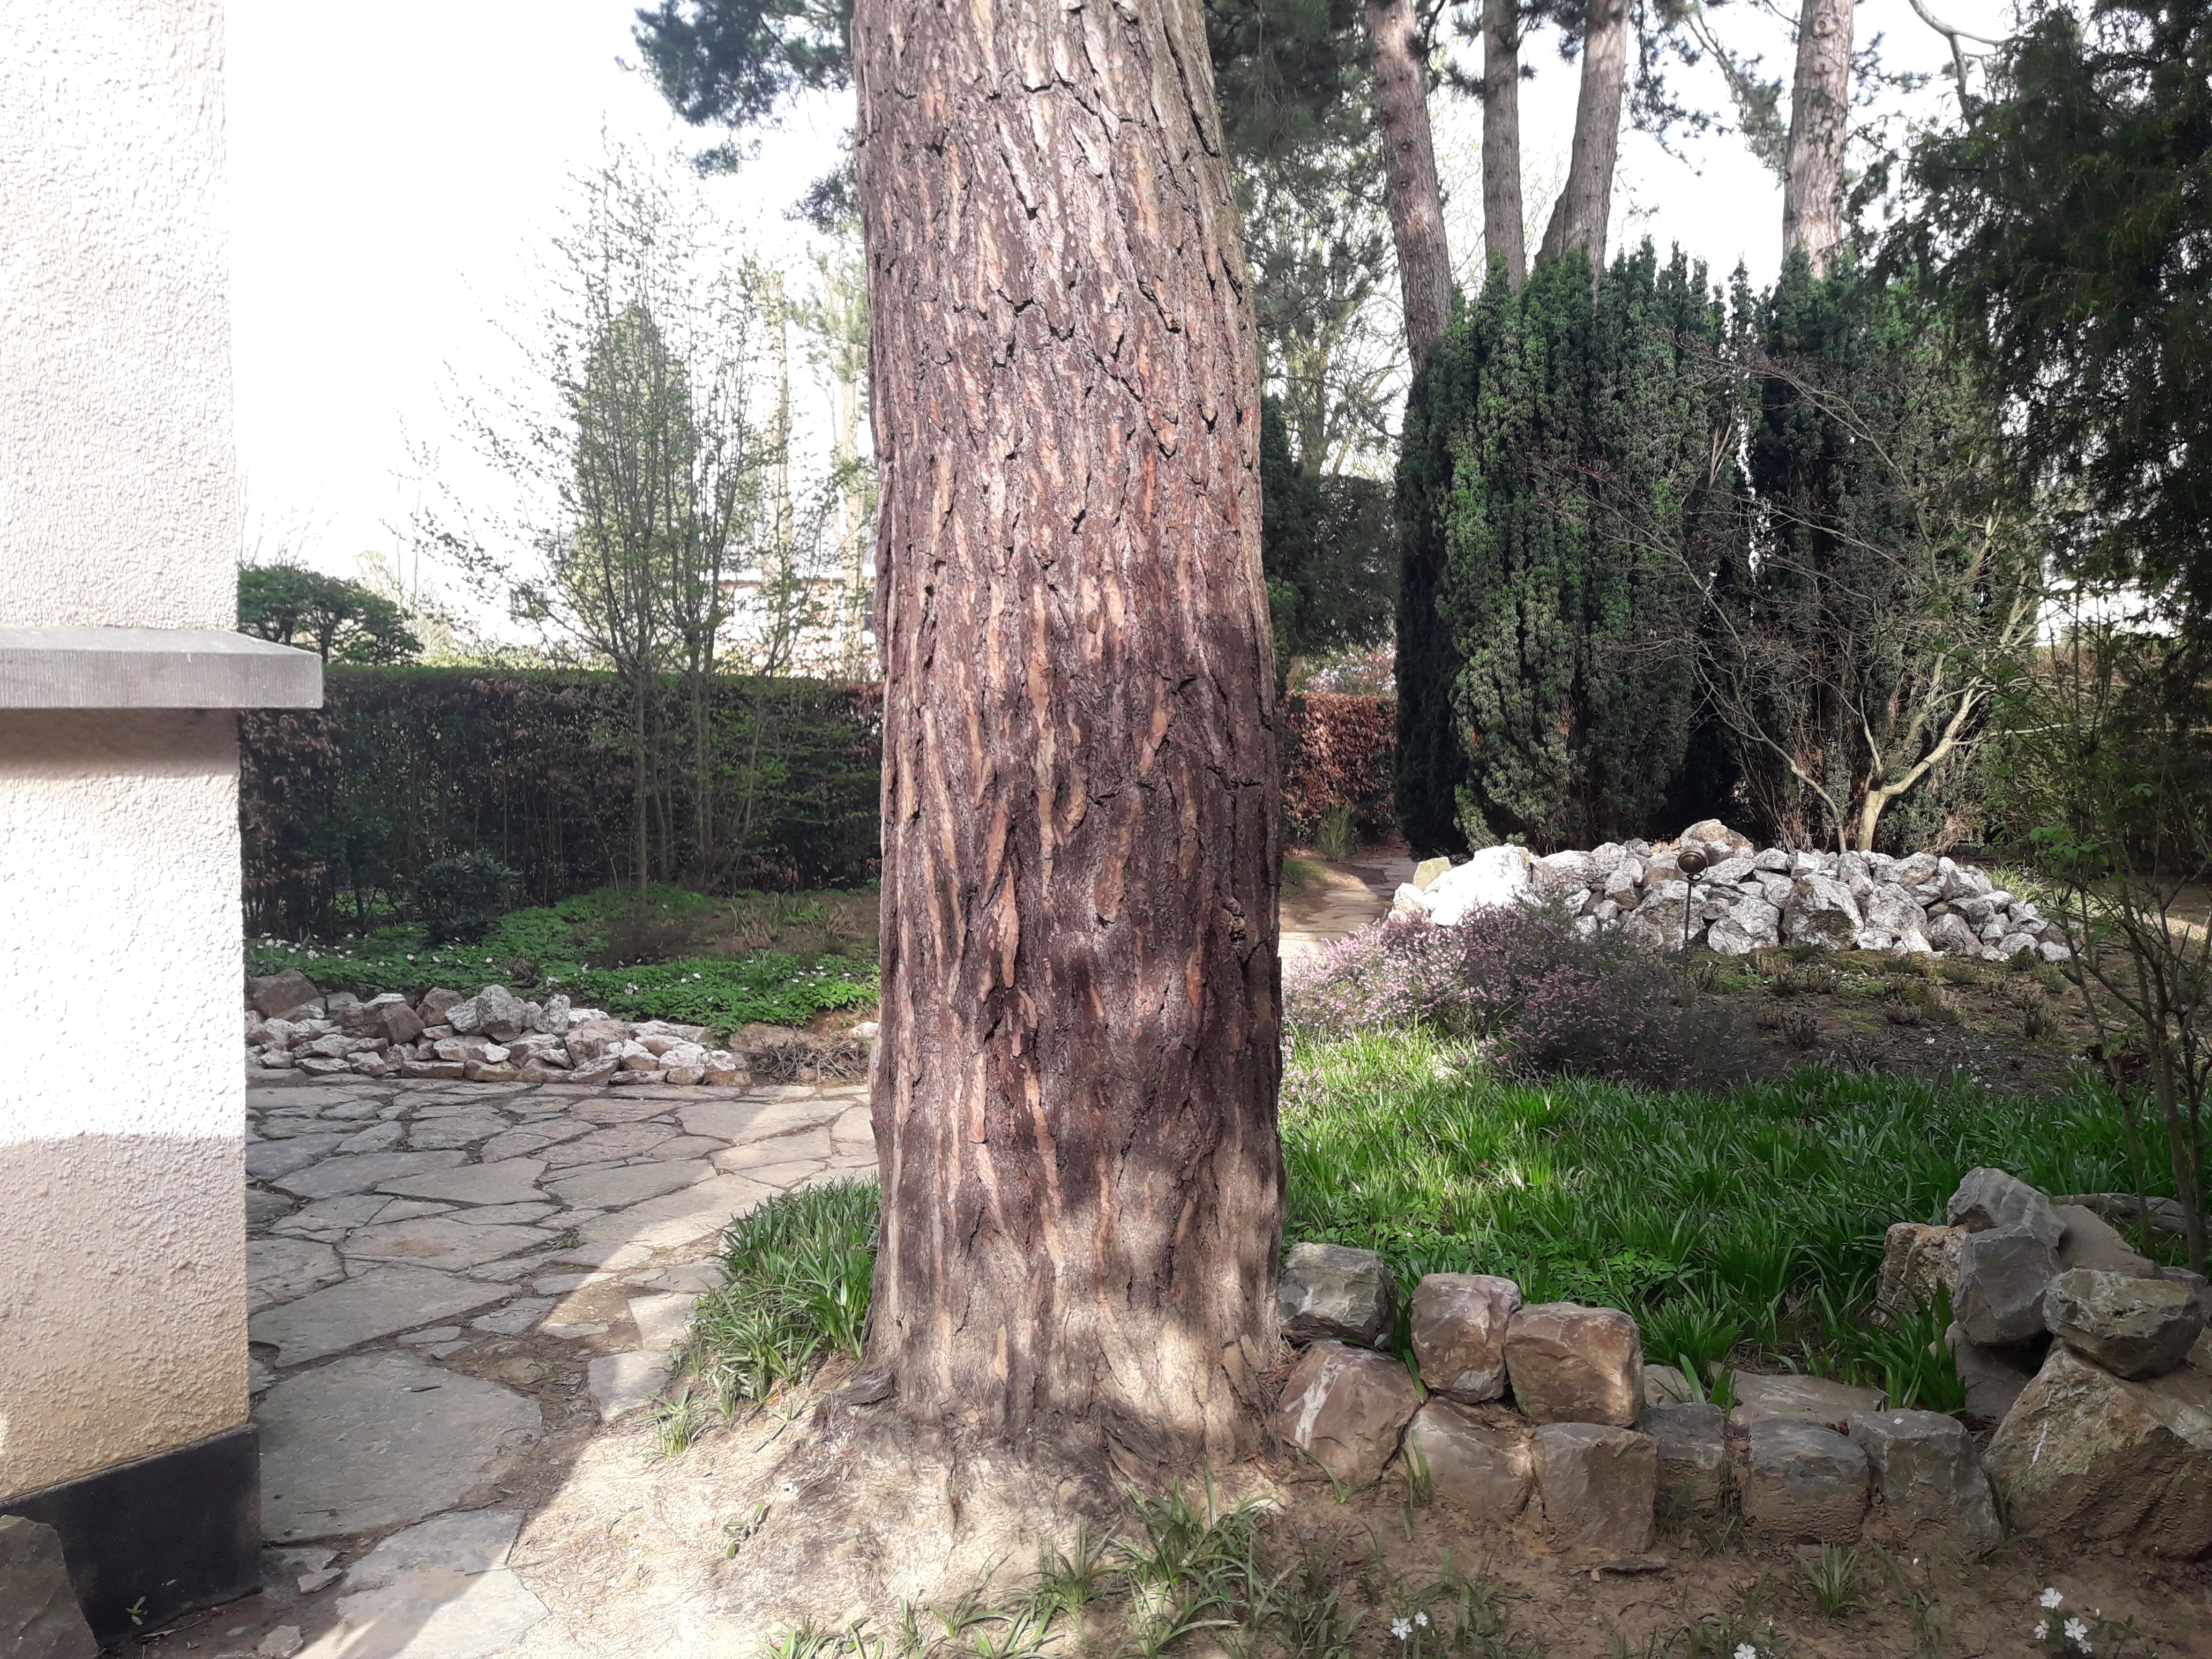 Pin noir d'Autriche, Jardin de la maison Grégoire,  01 Avril 2021